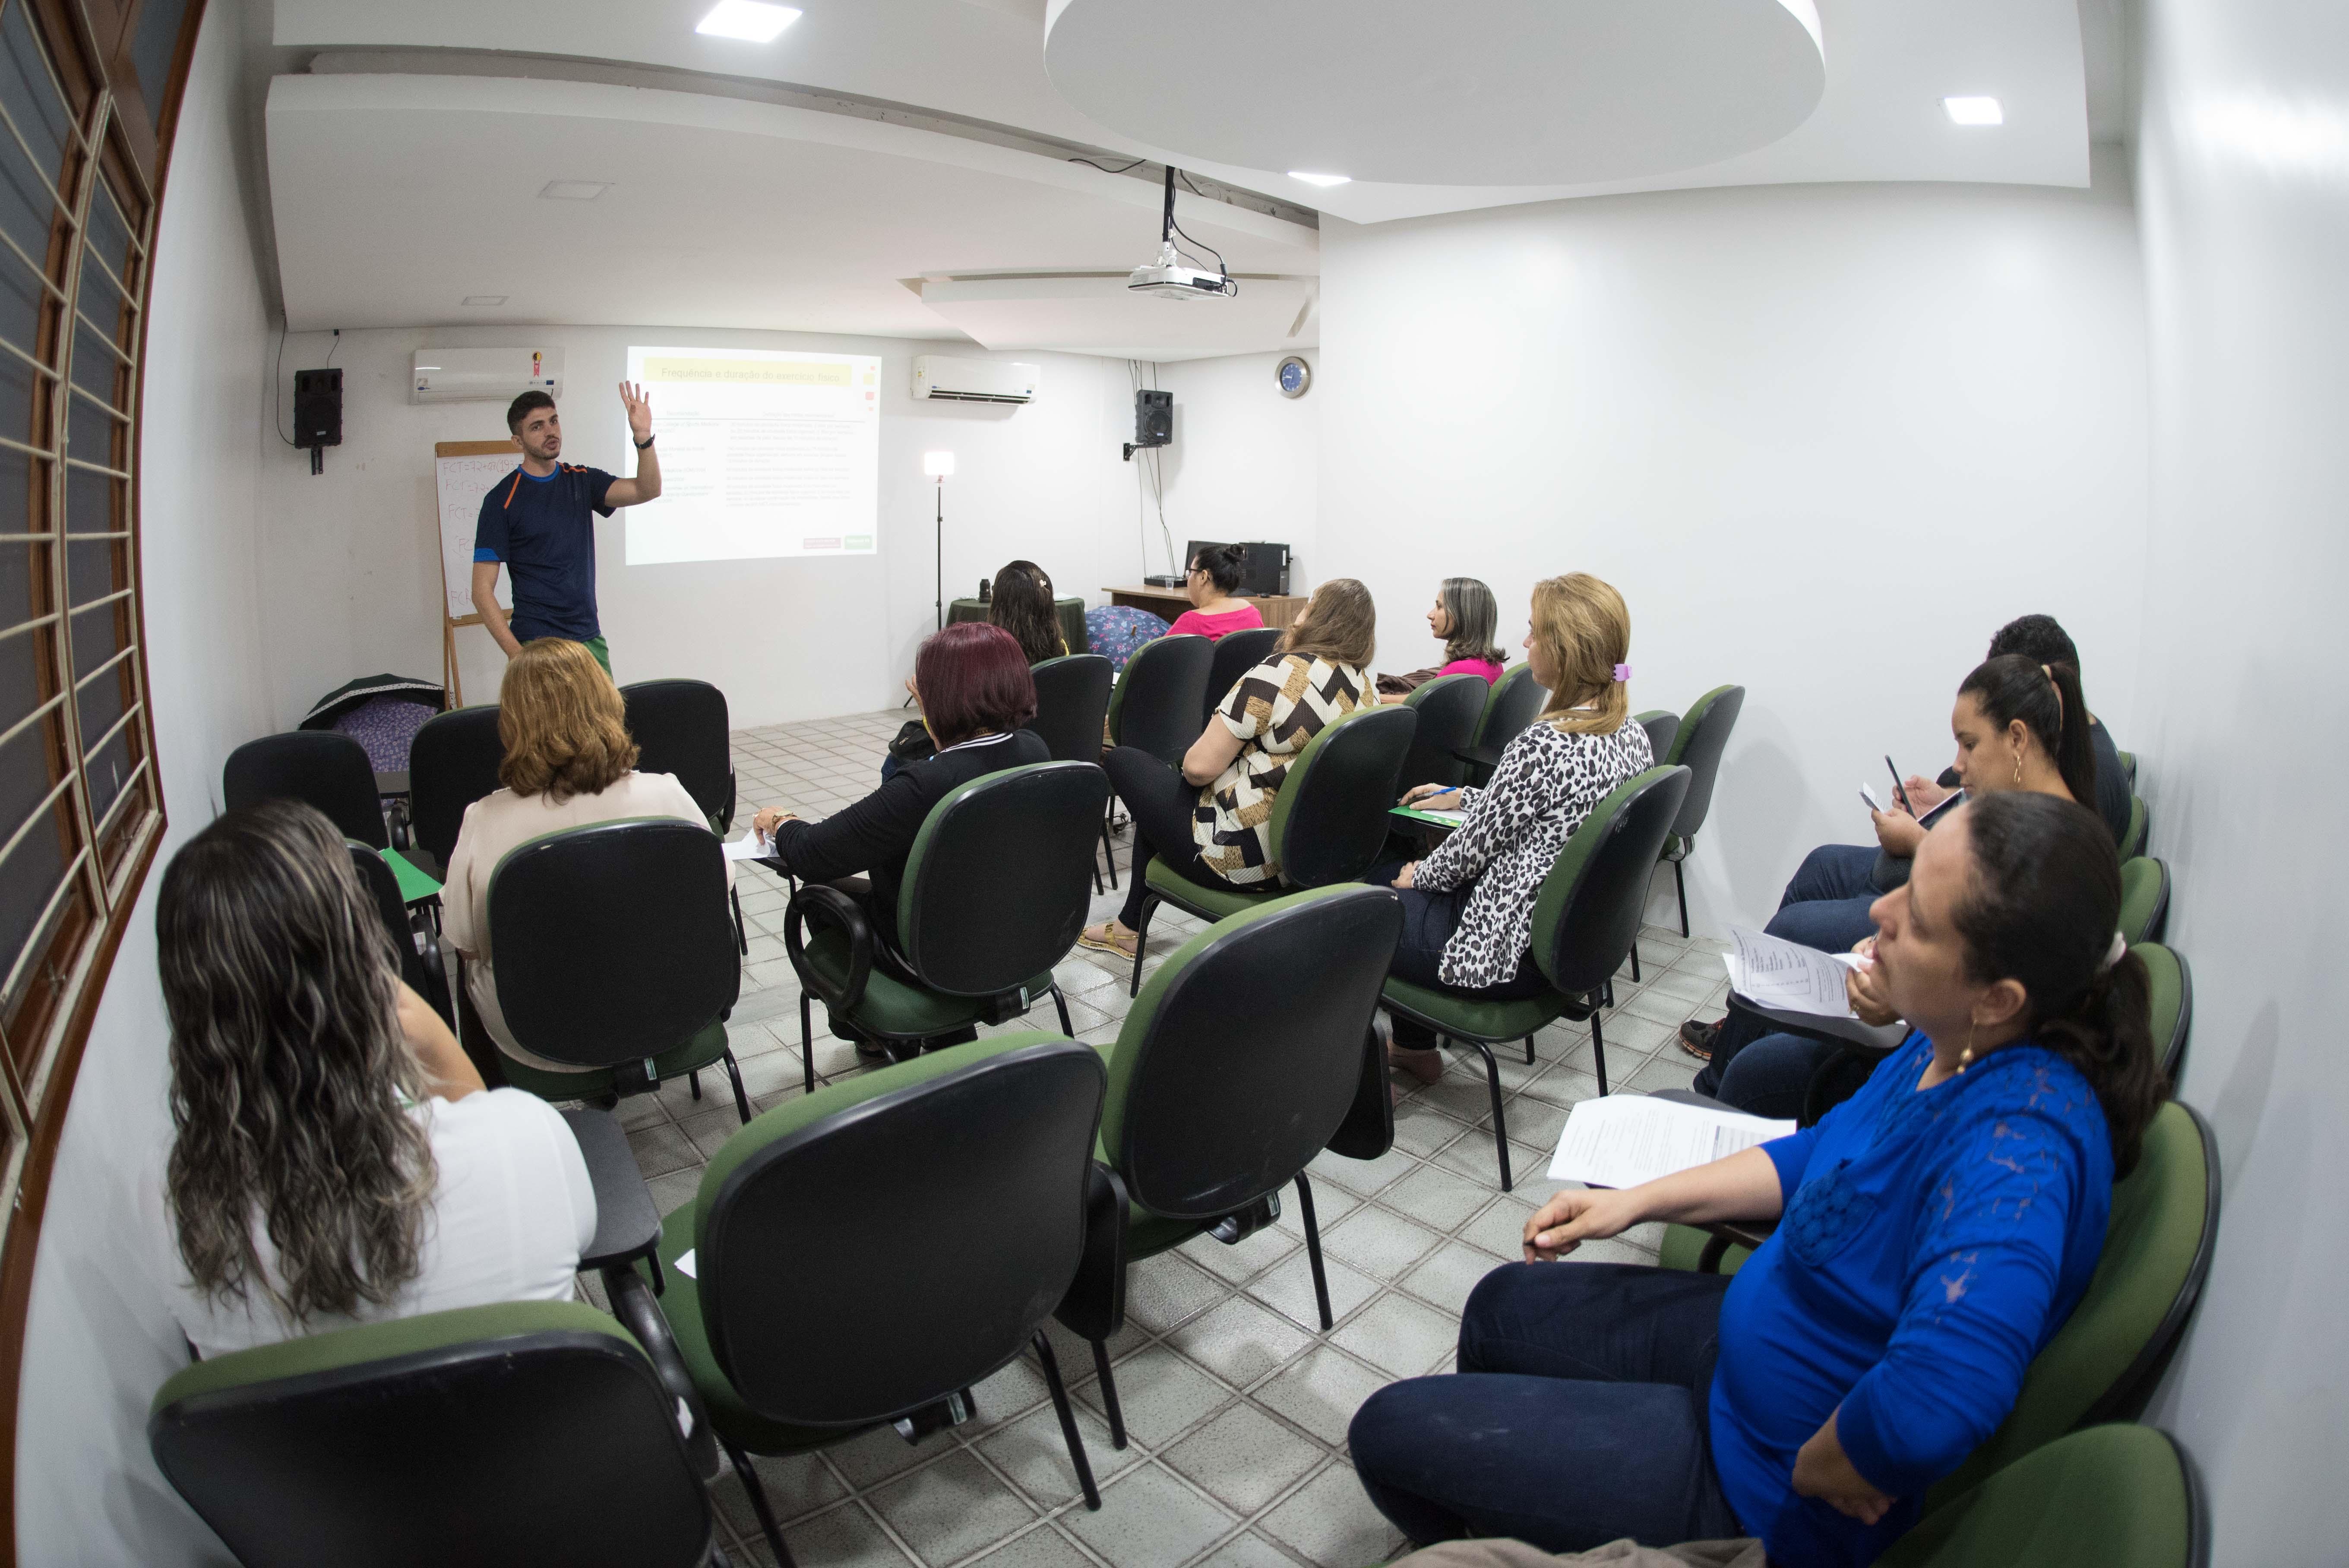 Palestras sobre bons hábitos e qualidade de vida fazem partes das ações programadas no GES-EP